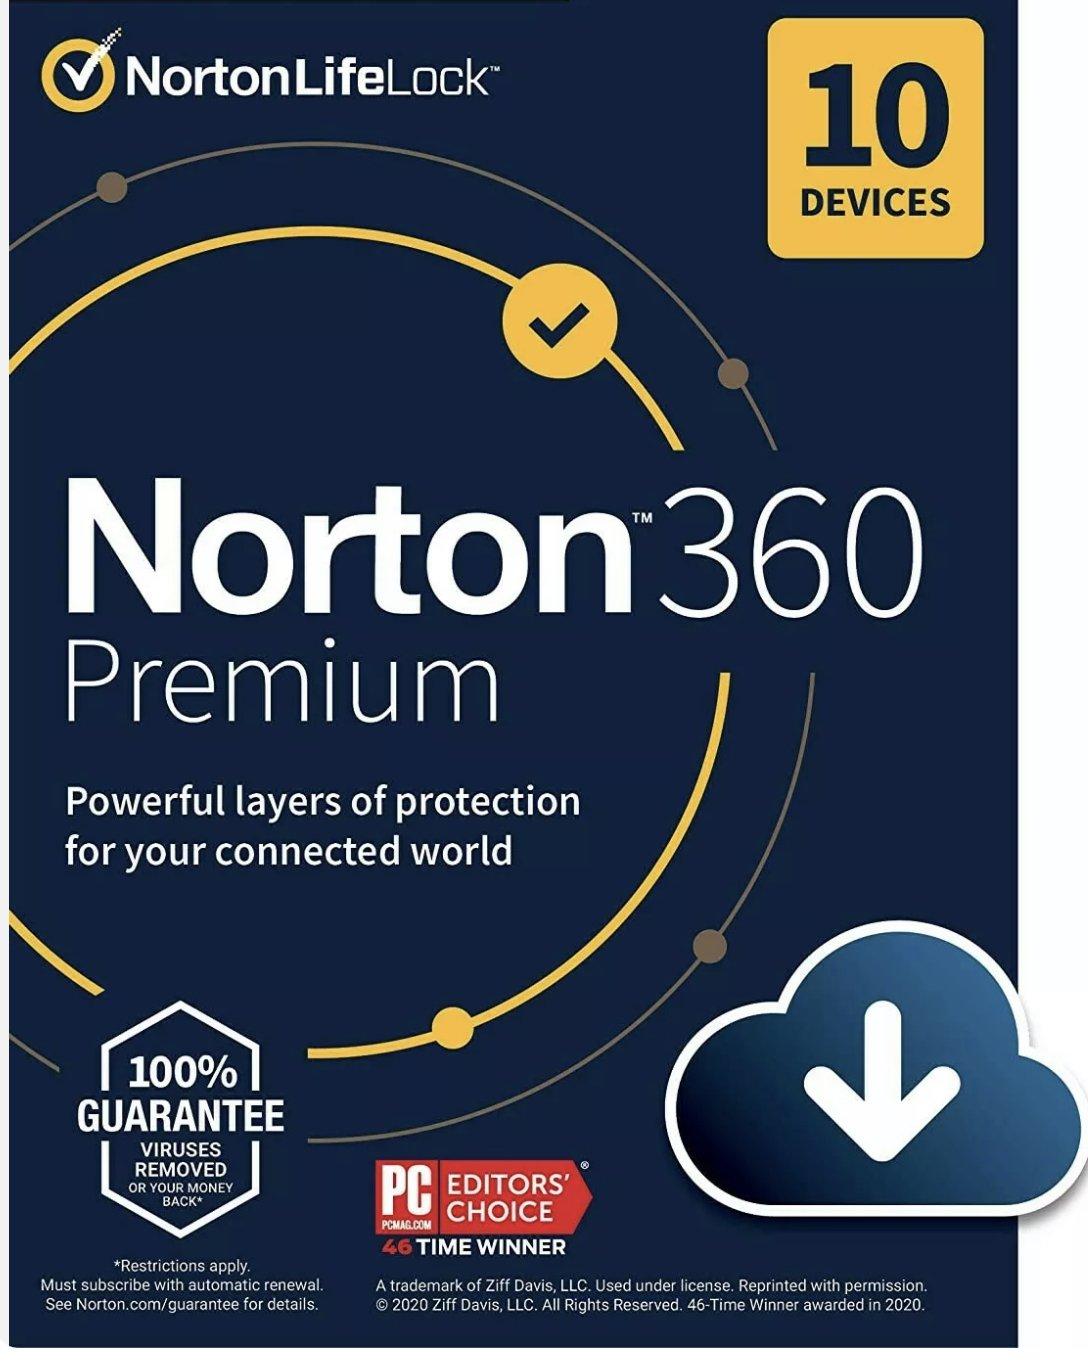 Sale Off! Read carefully! Norton 360 Premium Plus Antivirus 1 year 10 devices